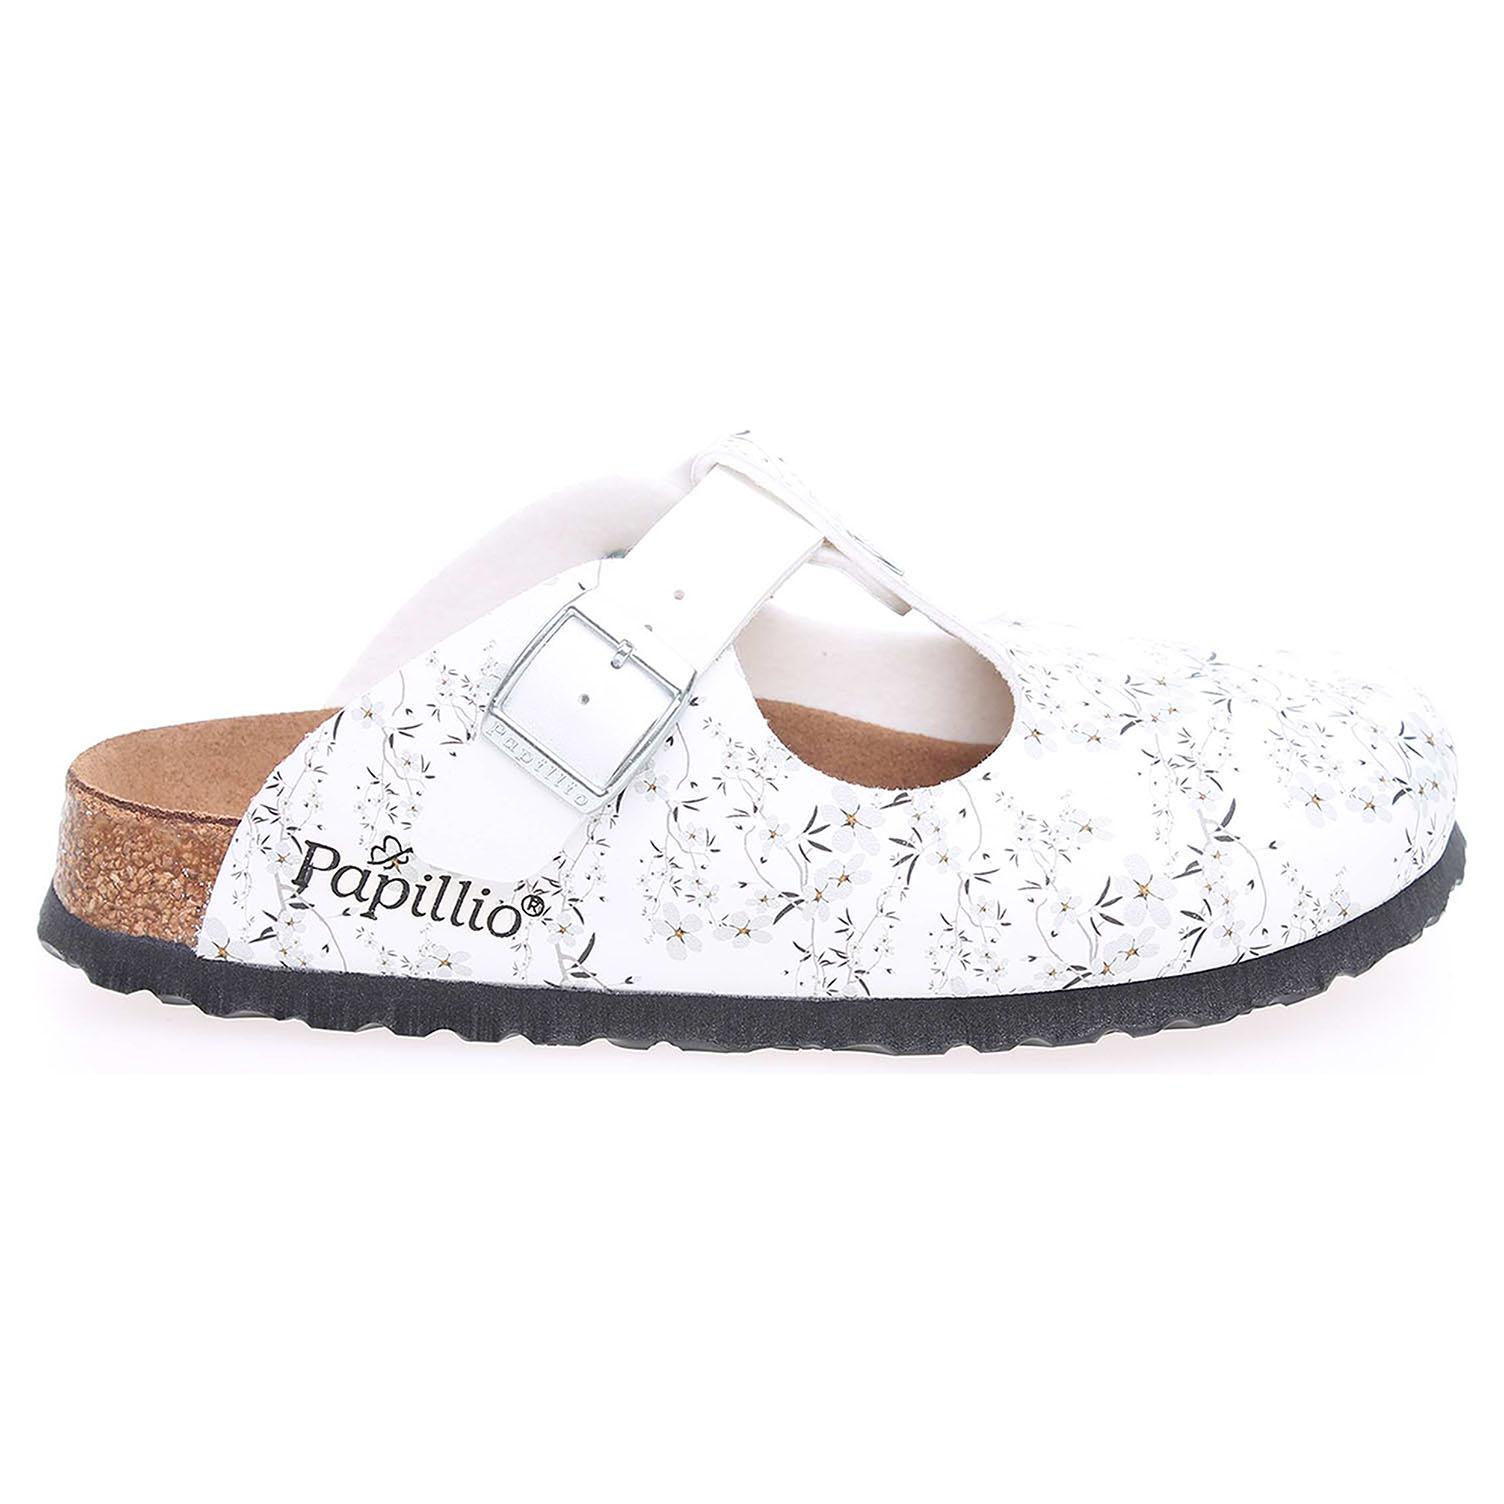 Ecco Papillio Frankfurt zdravotní pantofle 172903 bílá 23400164